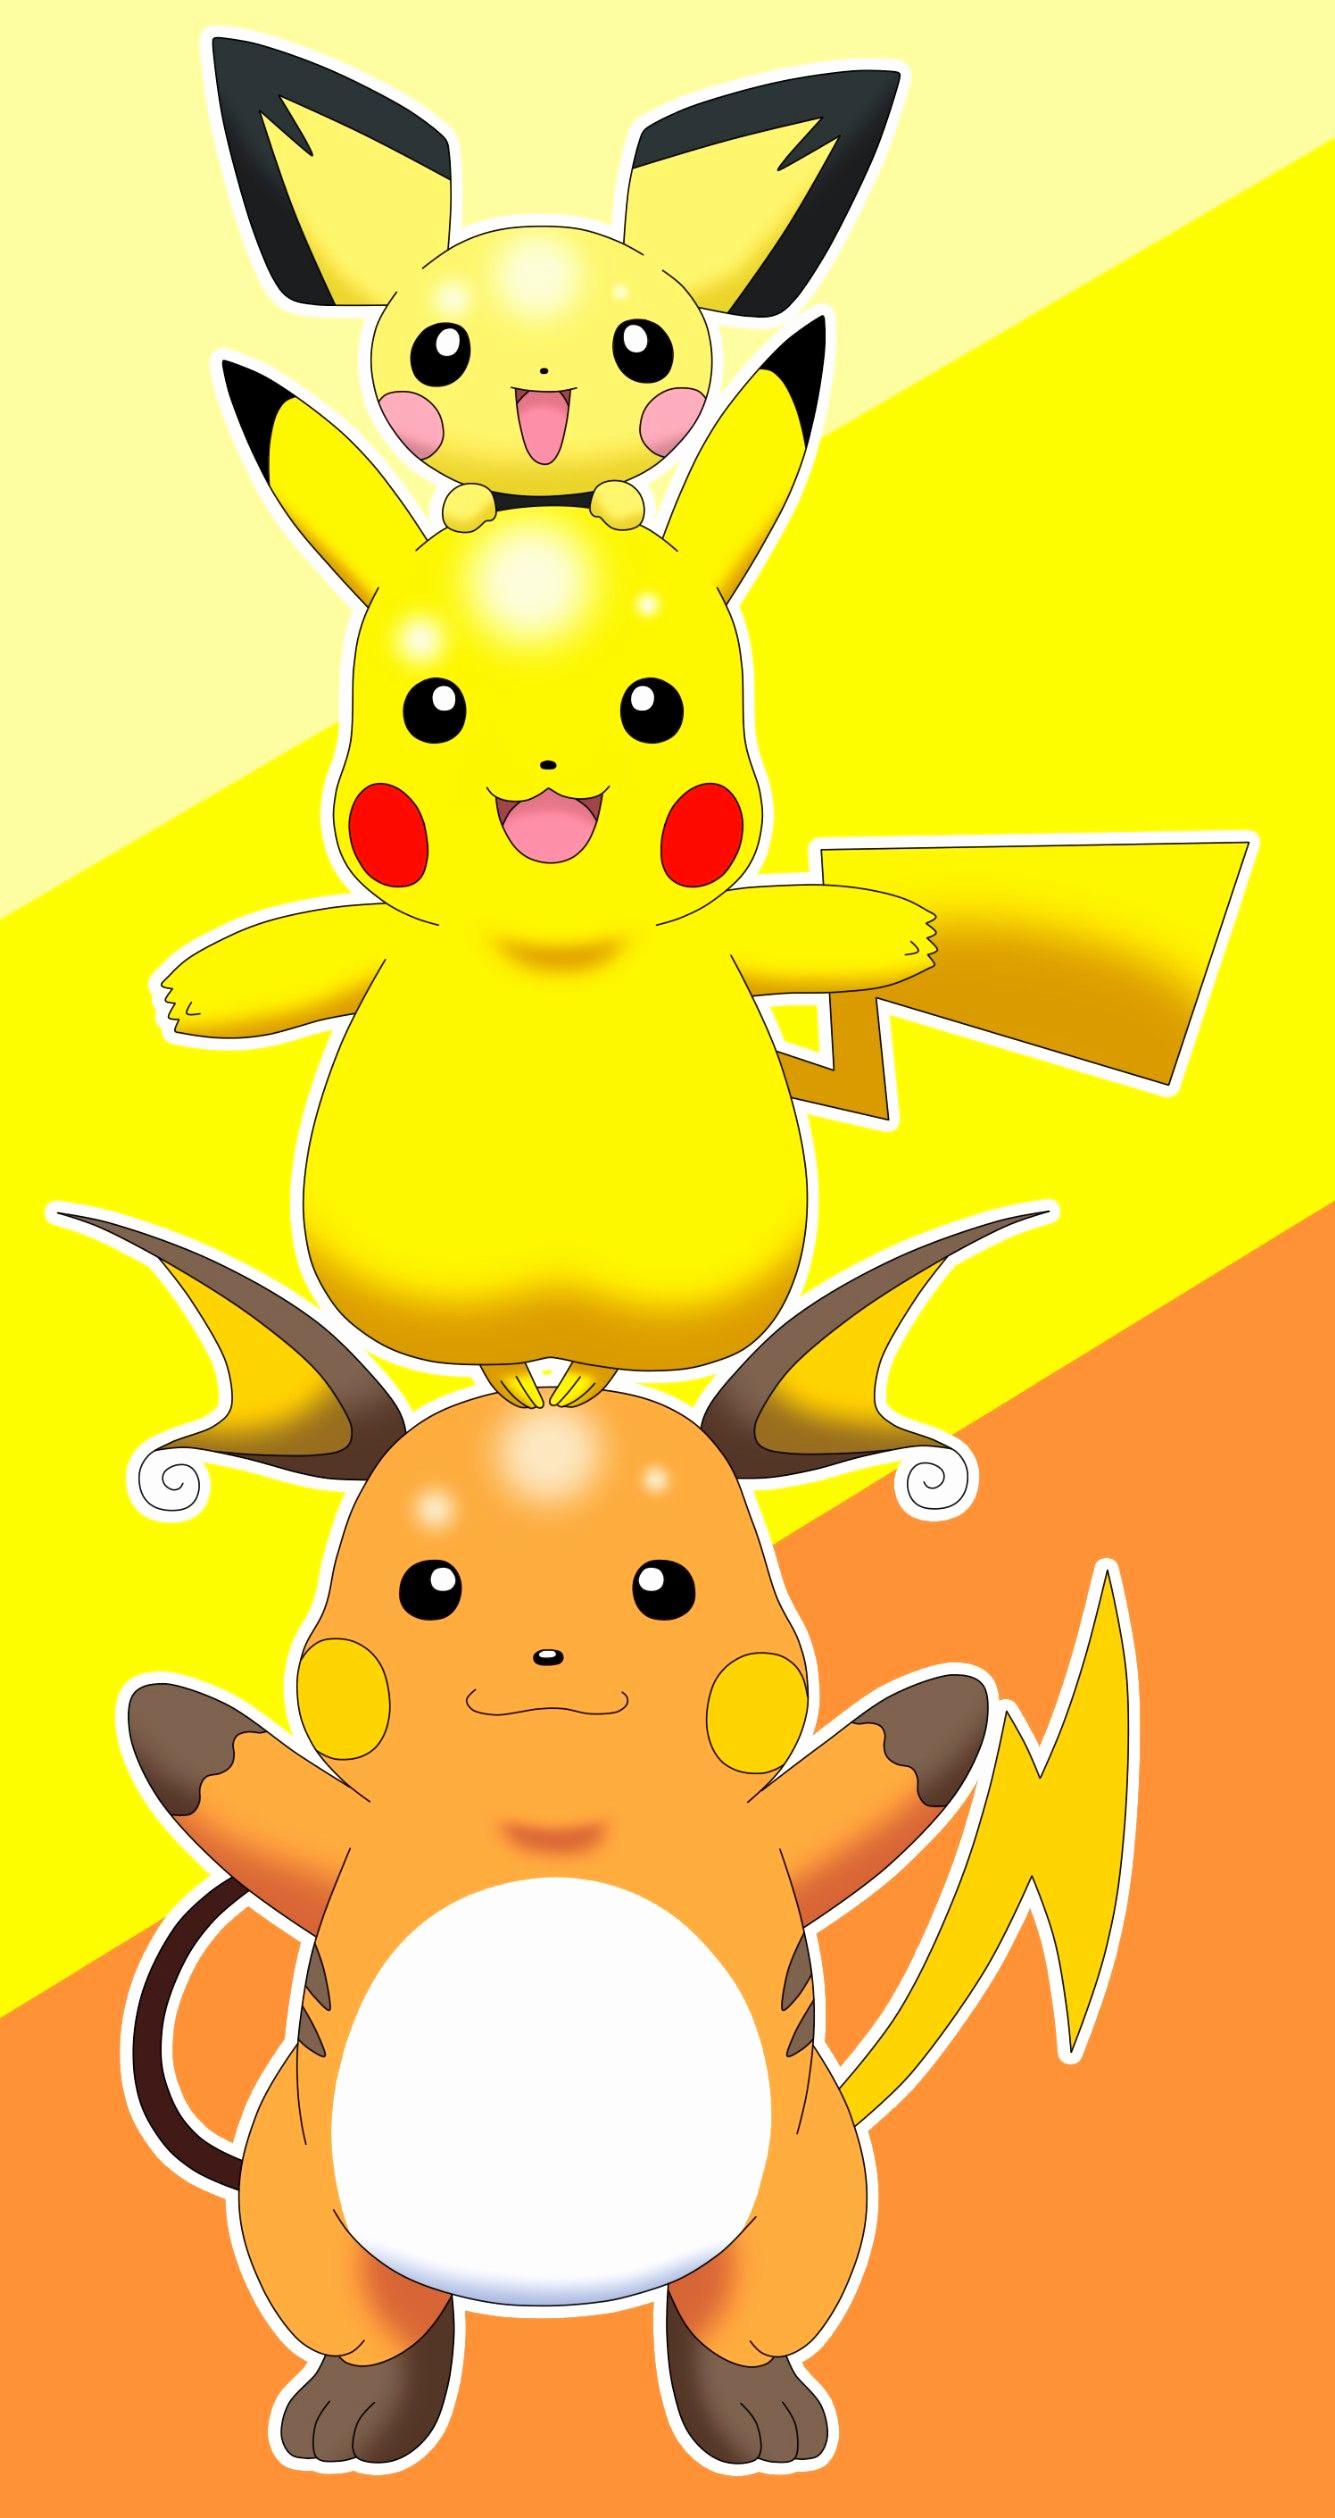 Ausmalbilder Pokemon Raichu Inspirierend 90 Luxury Picture Pikachu 2019 Fotos